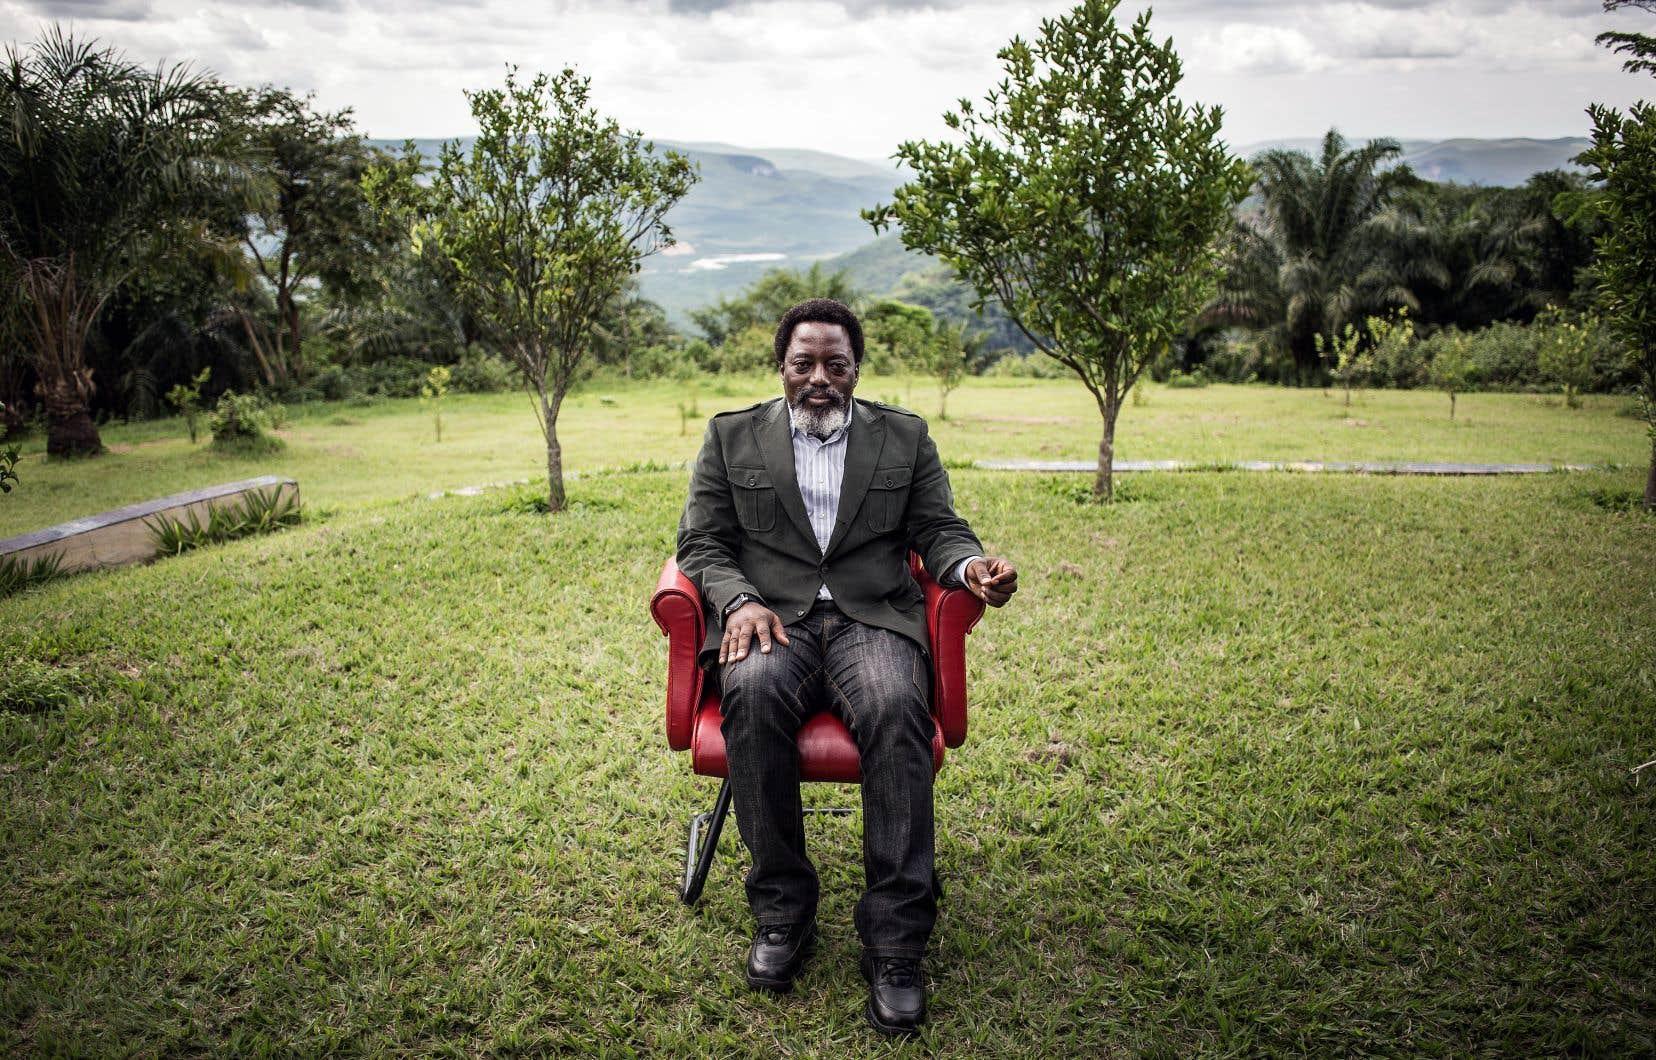 Le président de la RDC, Joseph Kabila, a accepté de ne pas briguer un troisième mandat, ce qui est interdit par la Constitution du pays.